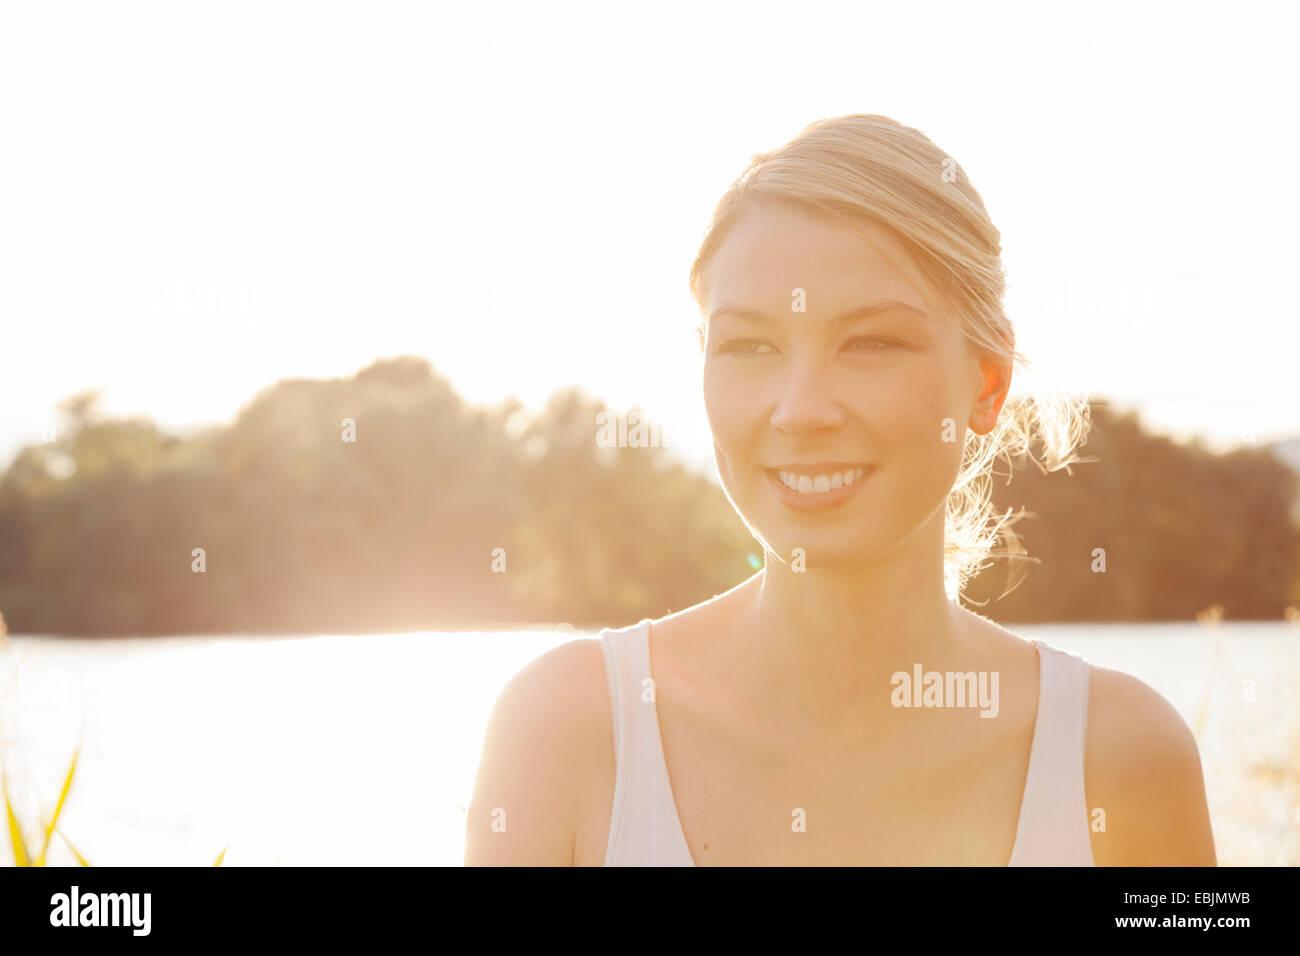 Hintergrundbeleuchtung Porträt der jungen Frau am Flussufer, Donauinsel, Wien, Österreich Stockbild